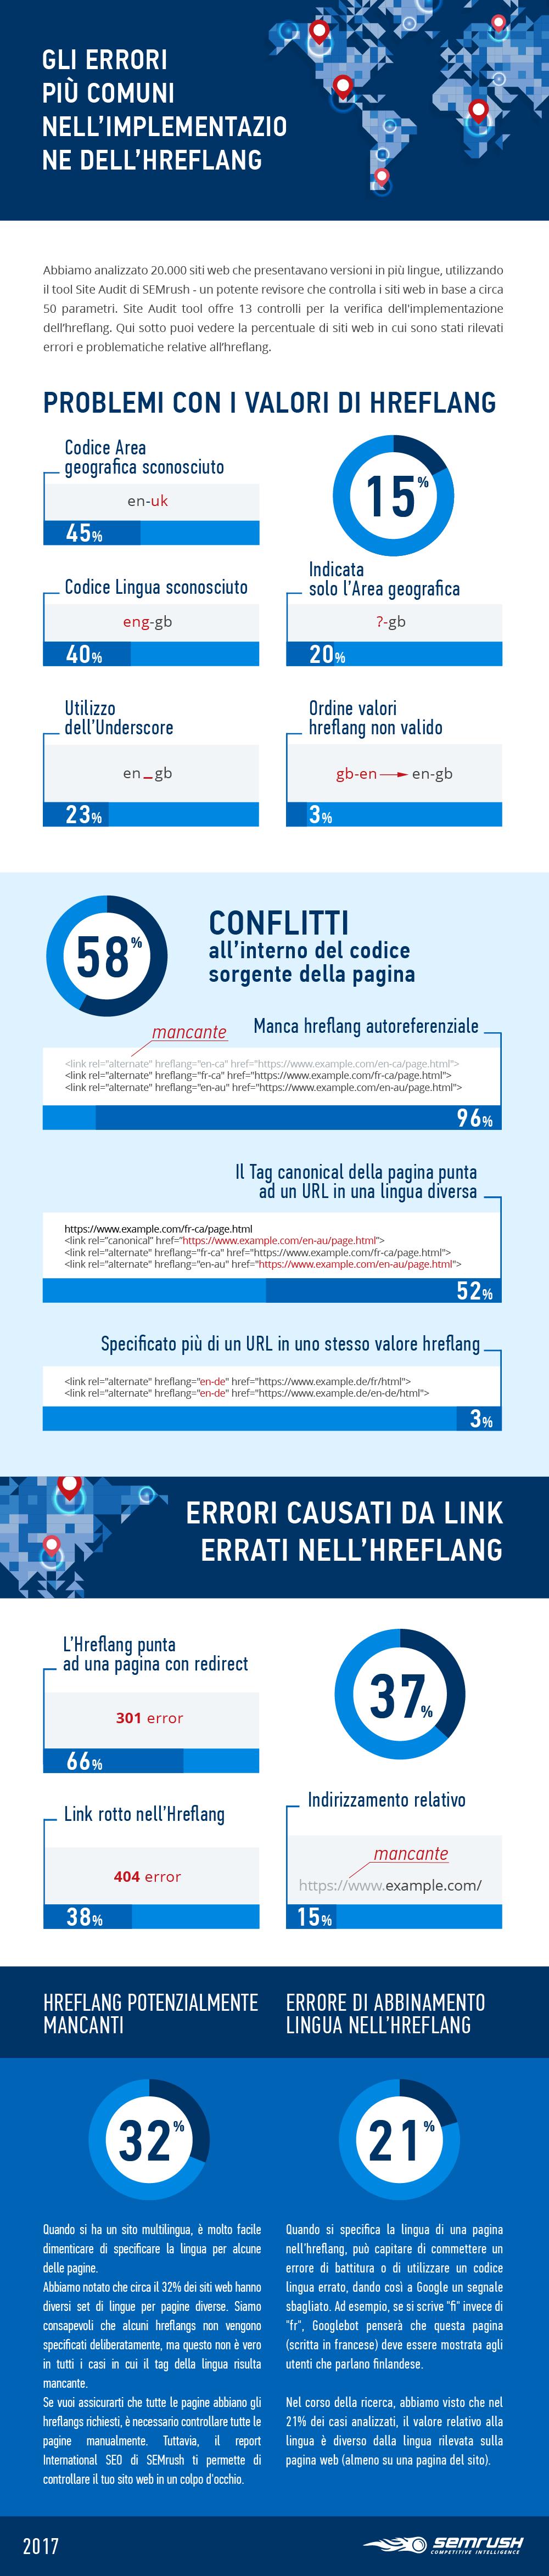 Infografica: siti web multilingua con errori relativi all'hreflang